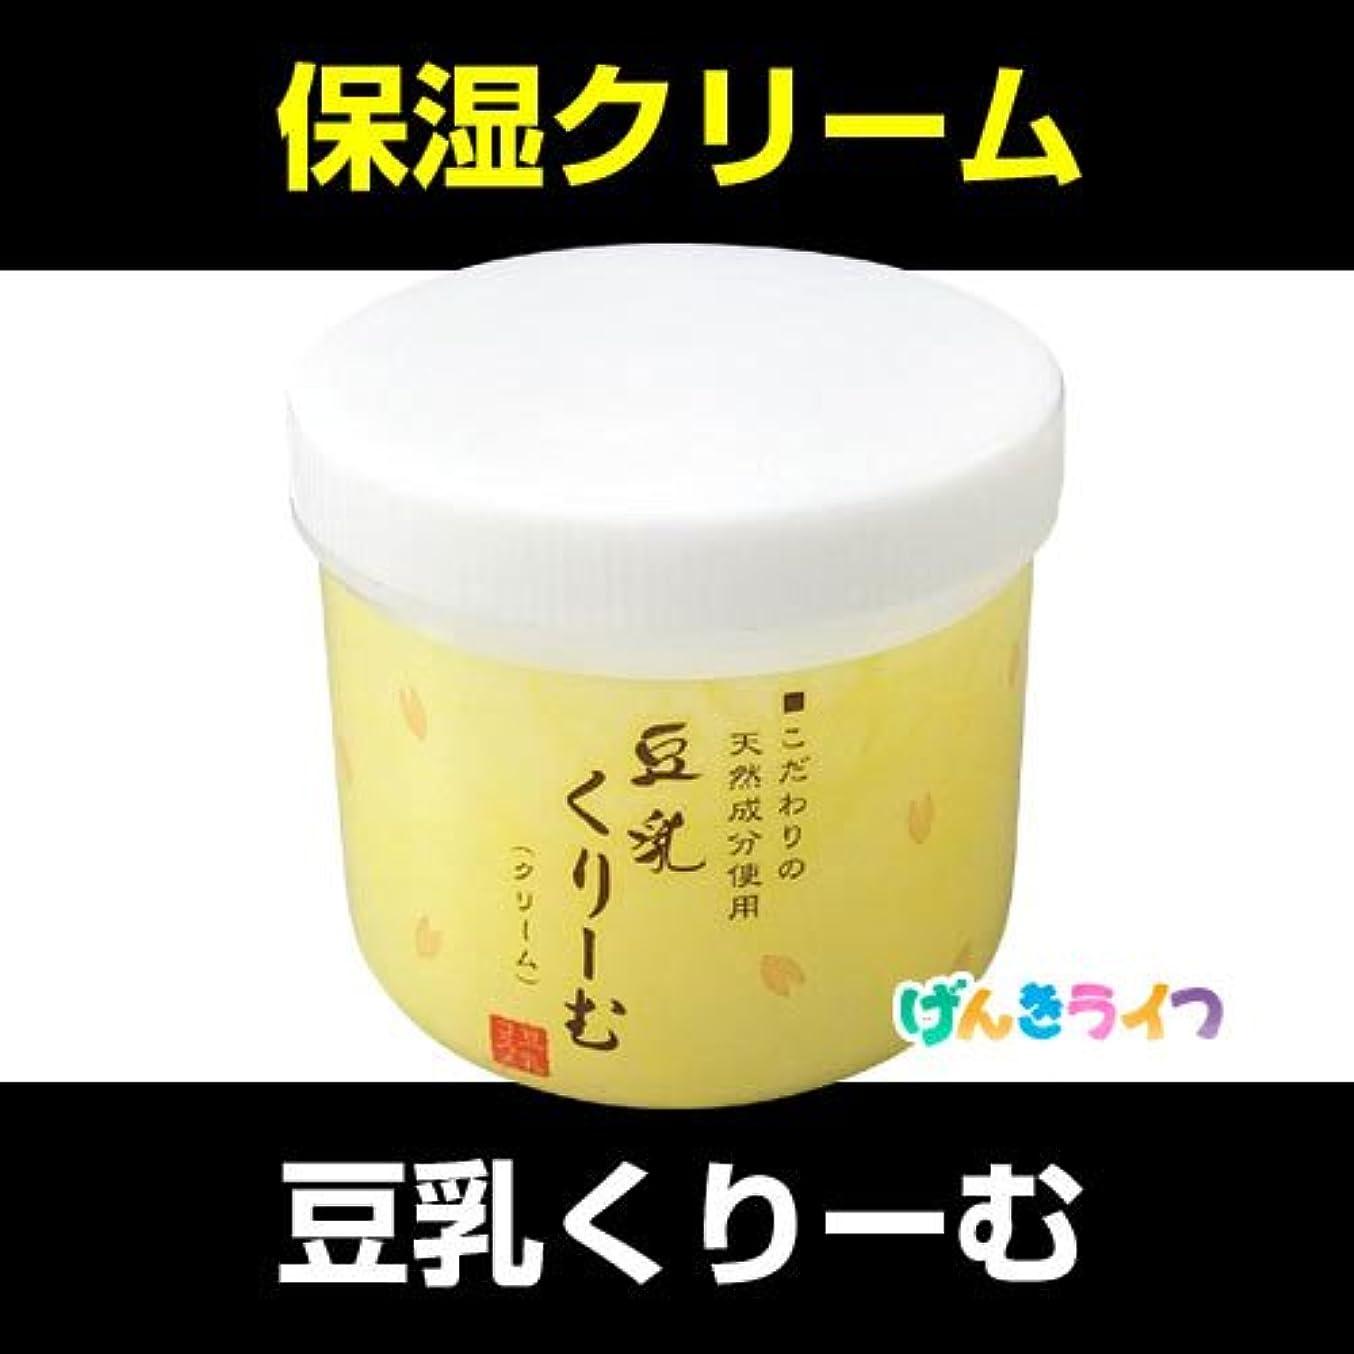 郵便局適用済み少年吉野ふじや謹製 とうにゅうくりーむ(豆乳クリーム)【3個】